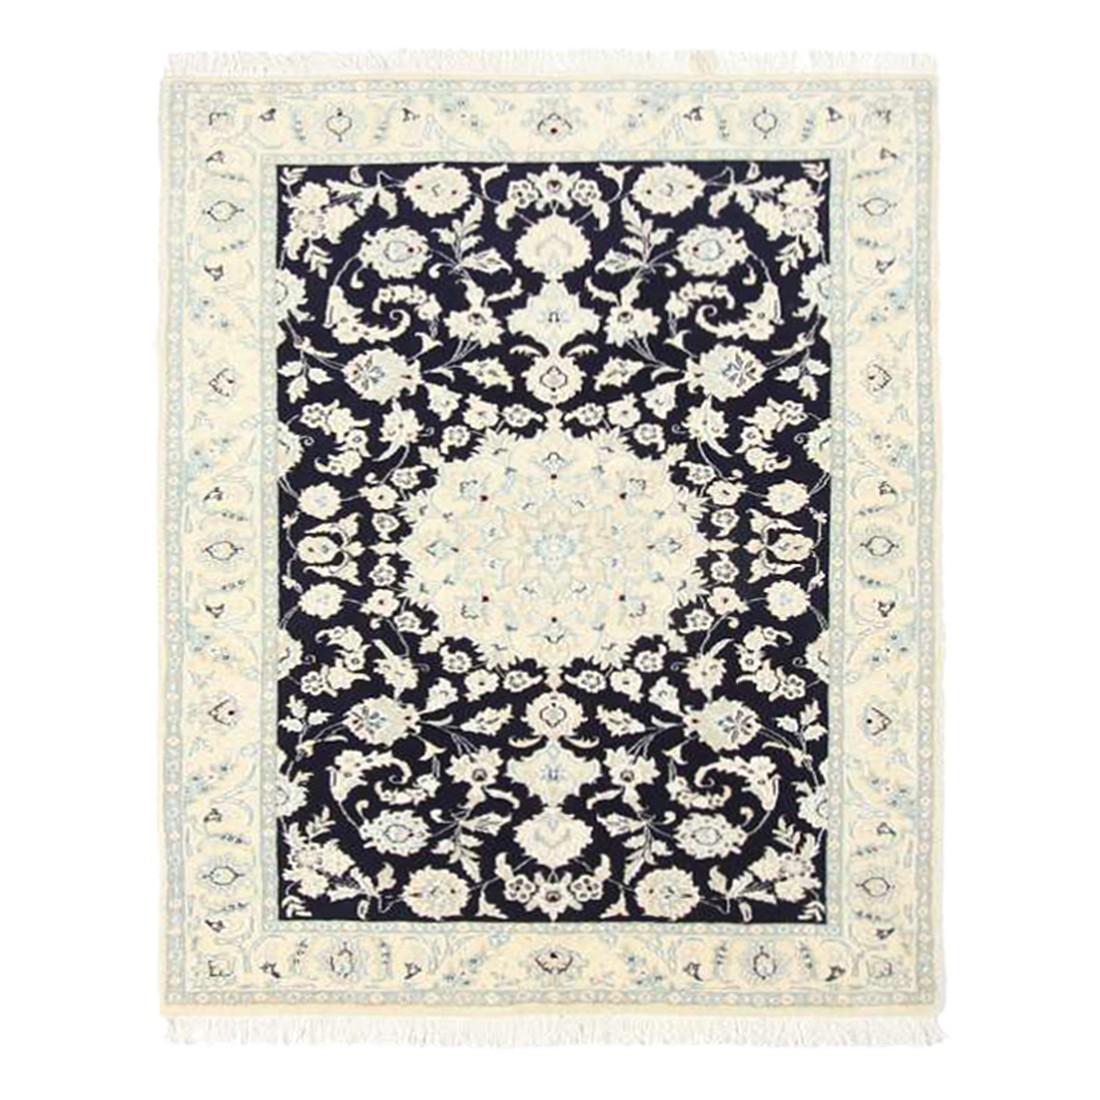 Teppich Nain Scherkat Royal - Blau - 120 x 200 cm, Parwis